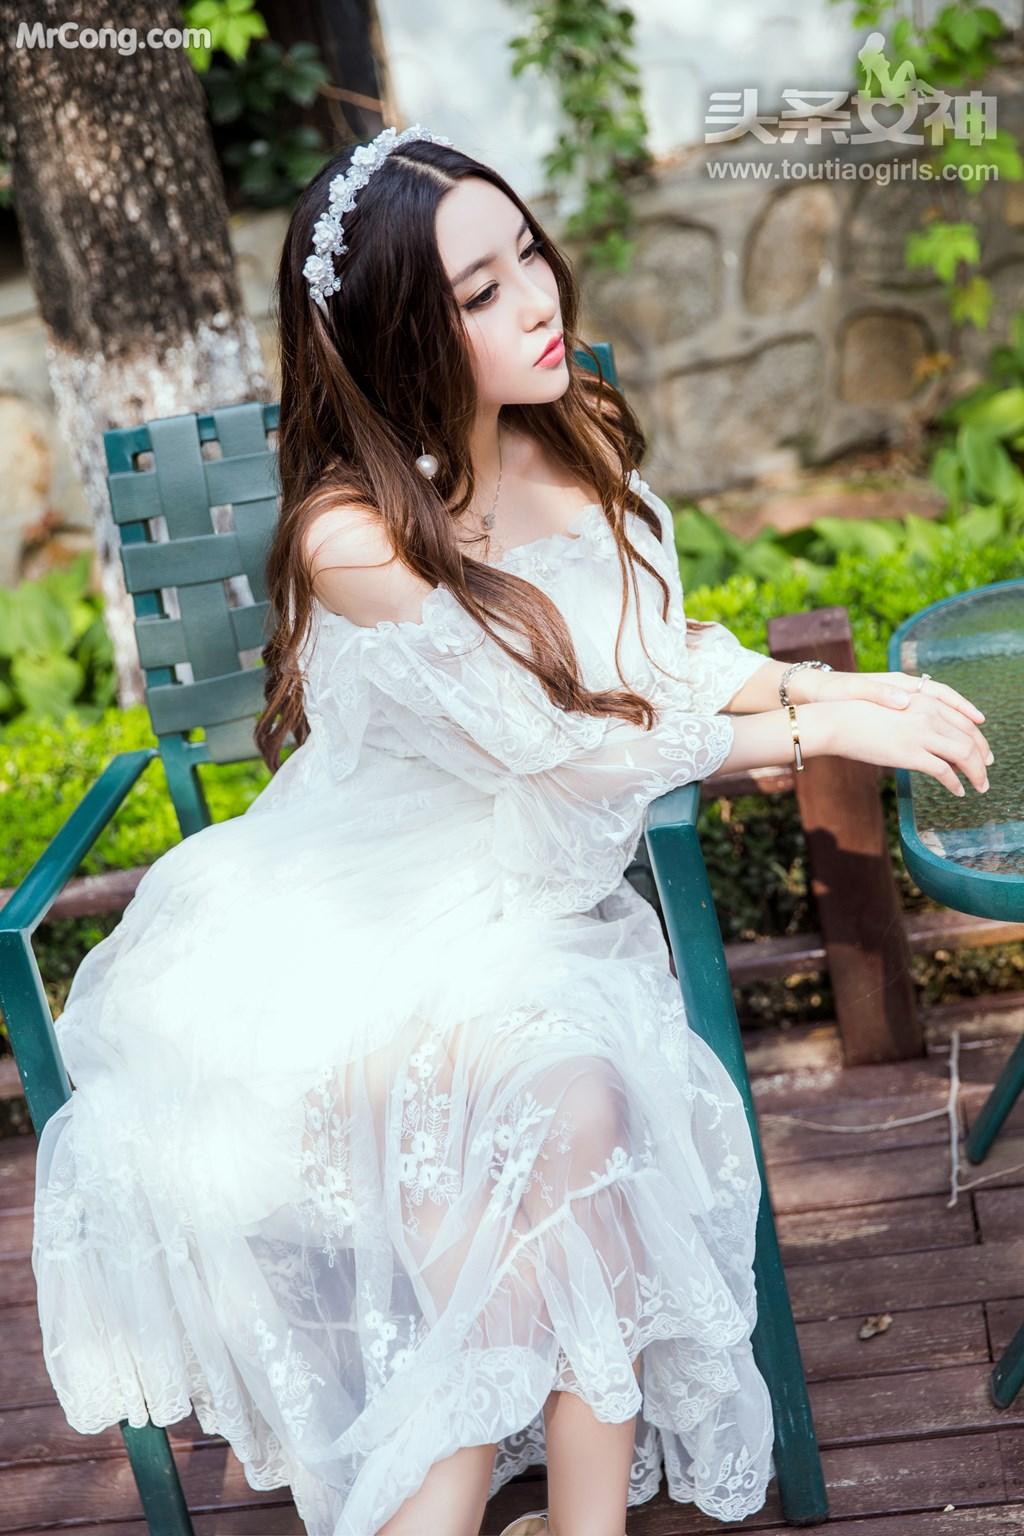 Image TouTiao-2017-08-06-Li-Zi-Xi-MrCong.com-001 in post TouTiao 2017-08-06: Người mẫu Li Zi Xi (李梓熙) (37 ảnh)